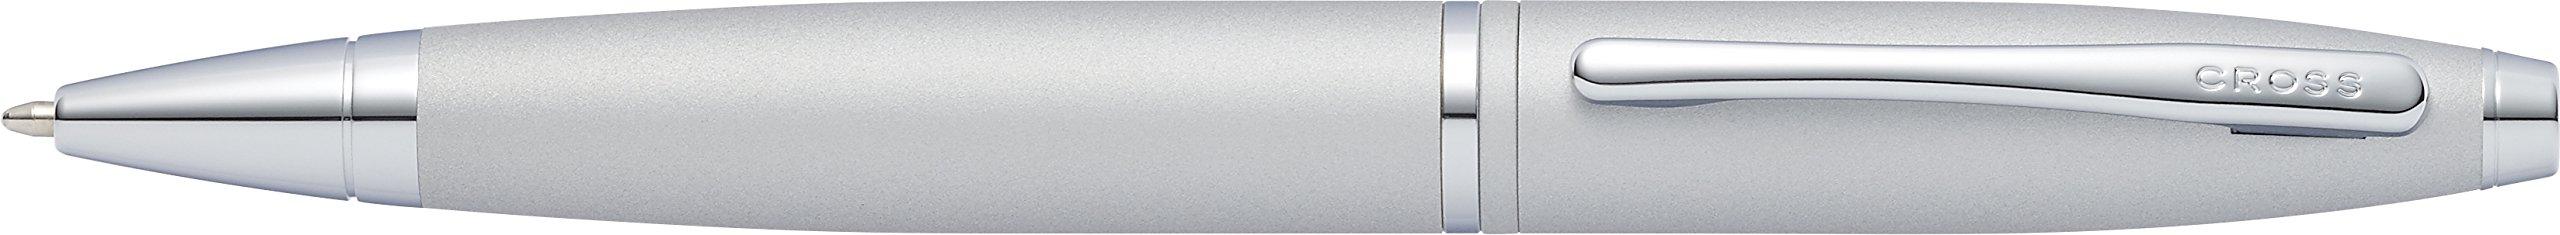 Cross Calais Satin Chrome Ballpoint Pen